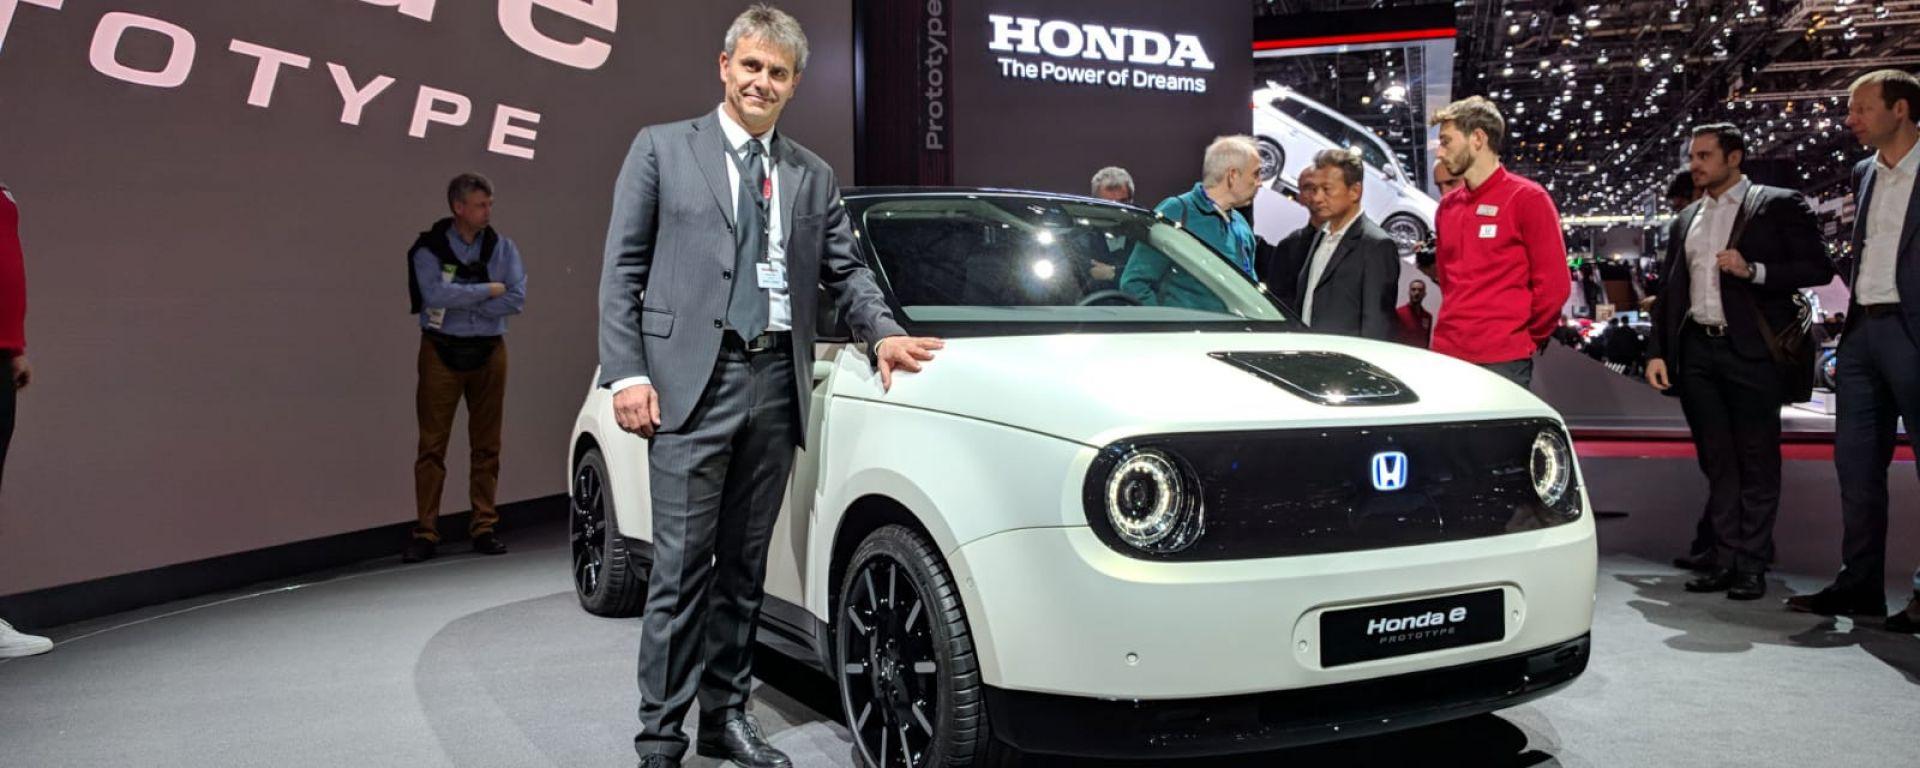 Vincenzo Picardi, responsabile comunicazione e ufficio stampa Honda Italia